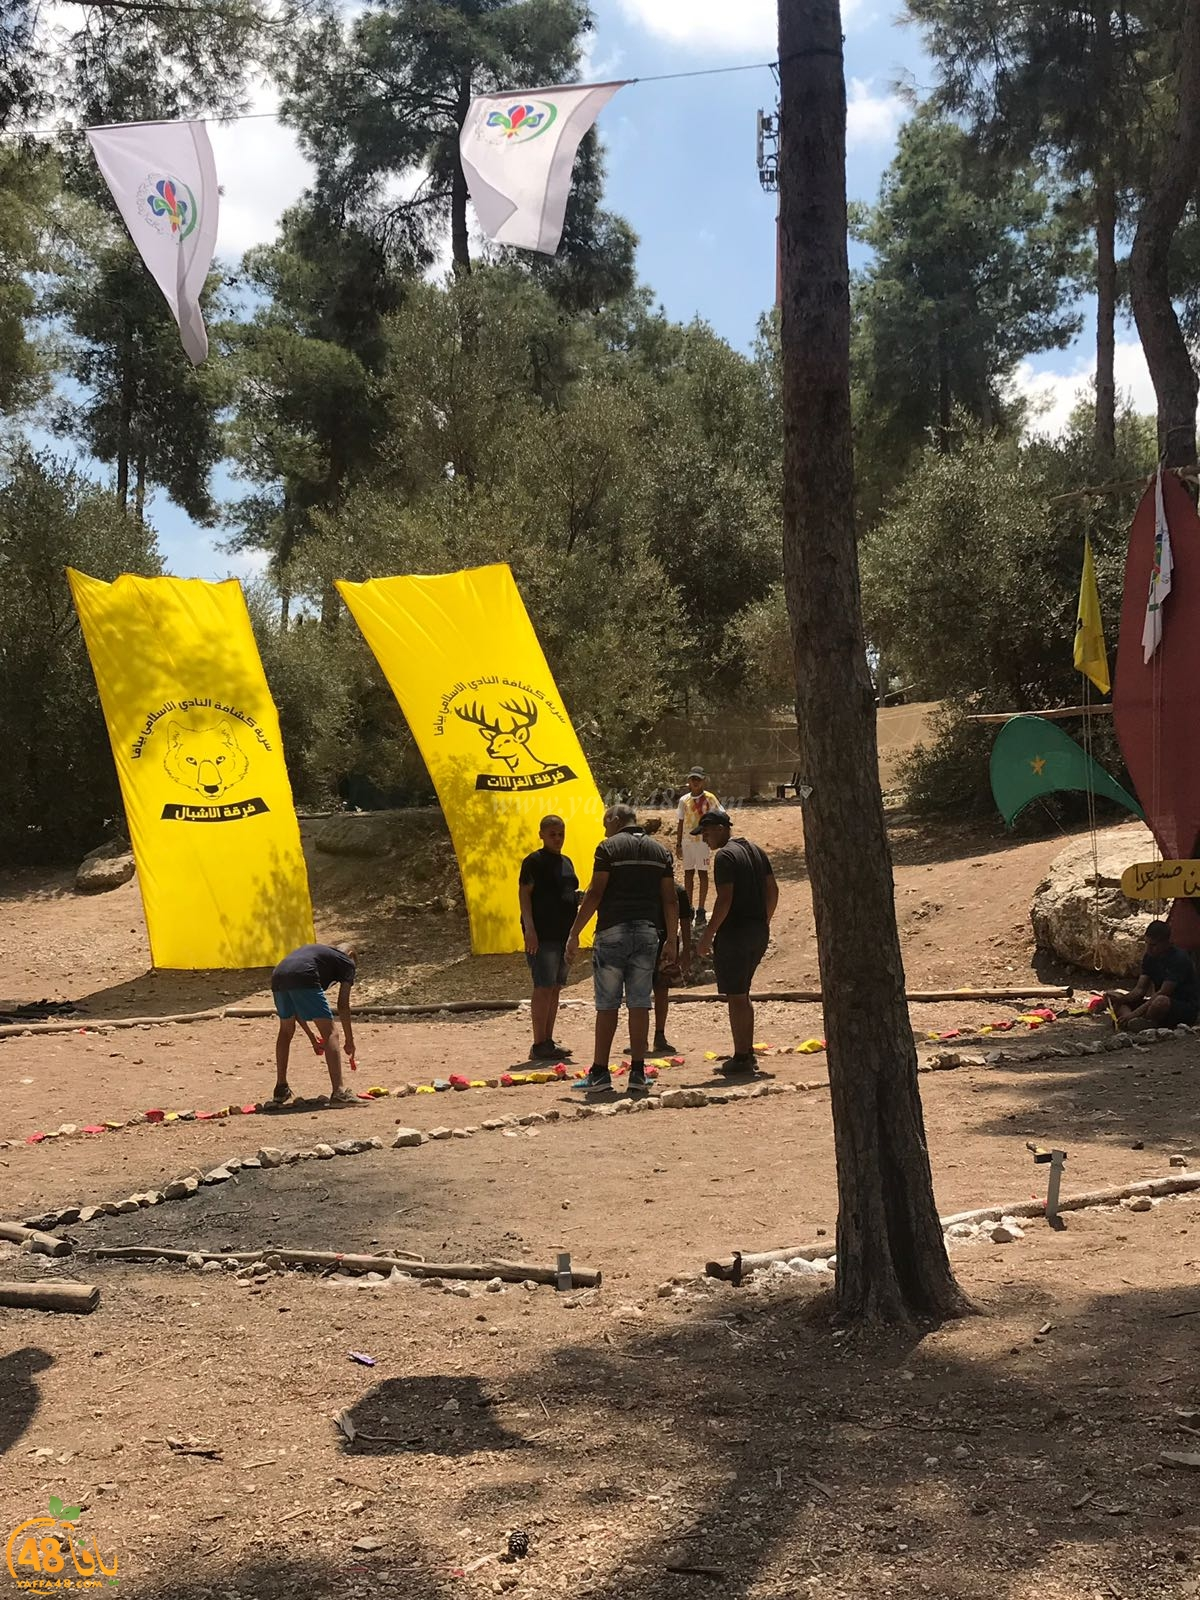 بالصور: اختتام فعاليات المخيم الصيفي للنادي الاسلامي بيافا في شمال البلاد